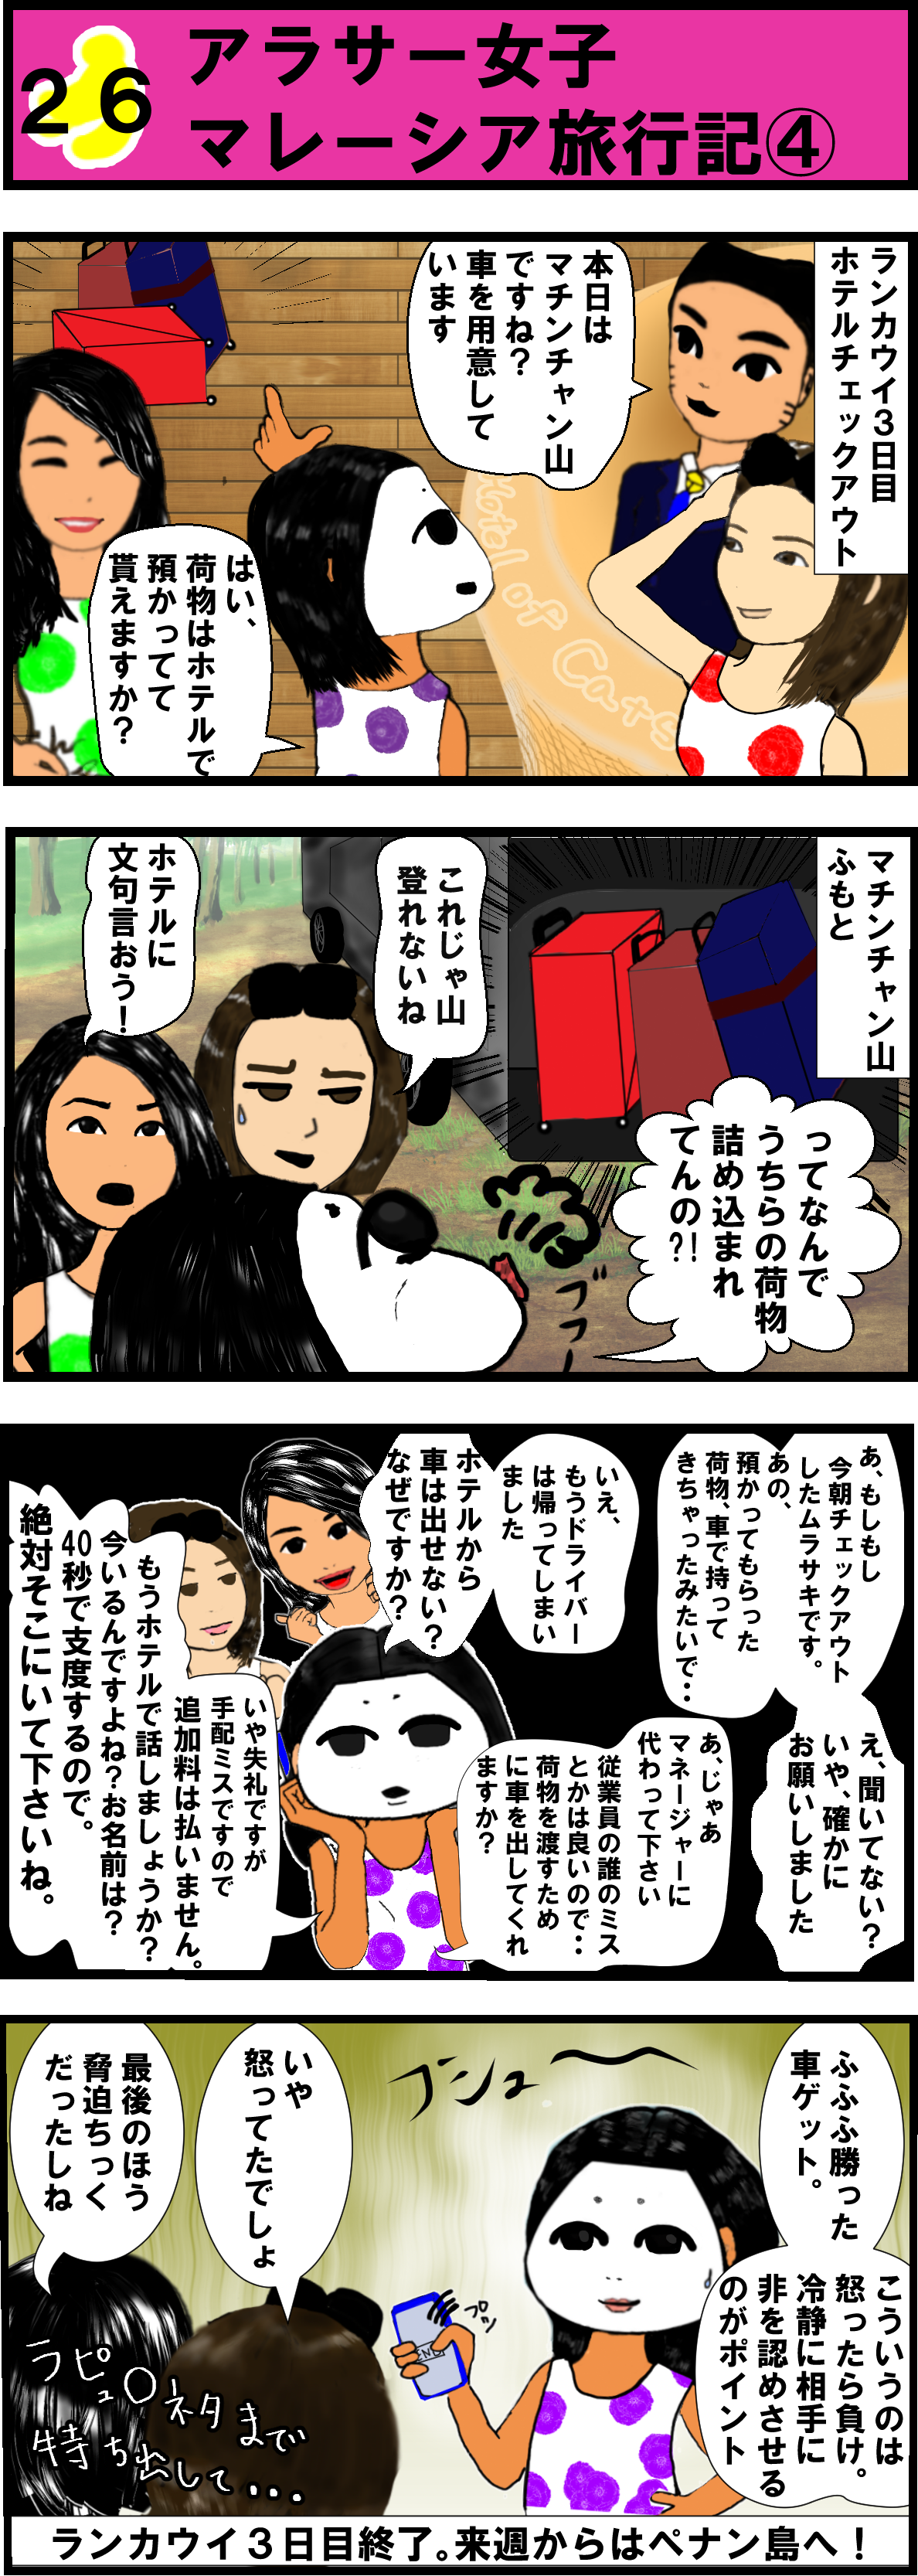 第26話 アラサー女子マレーシア編旅行記④